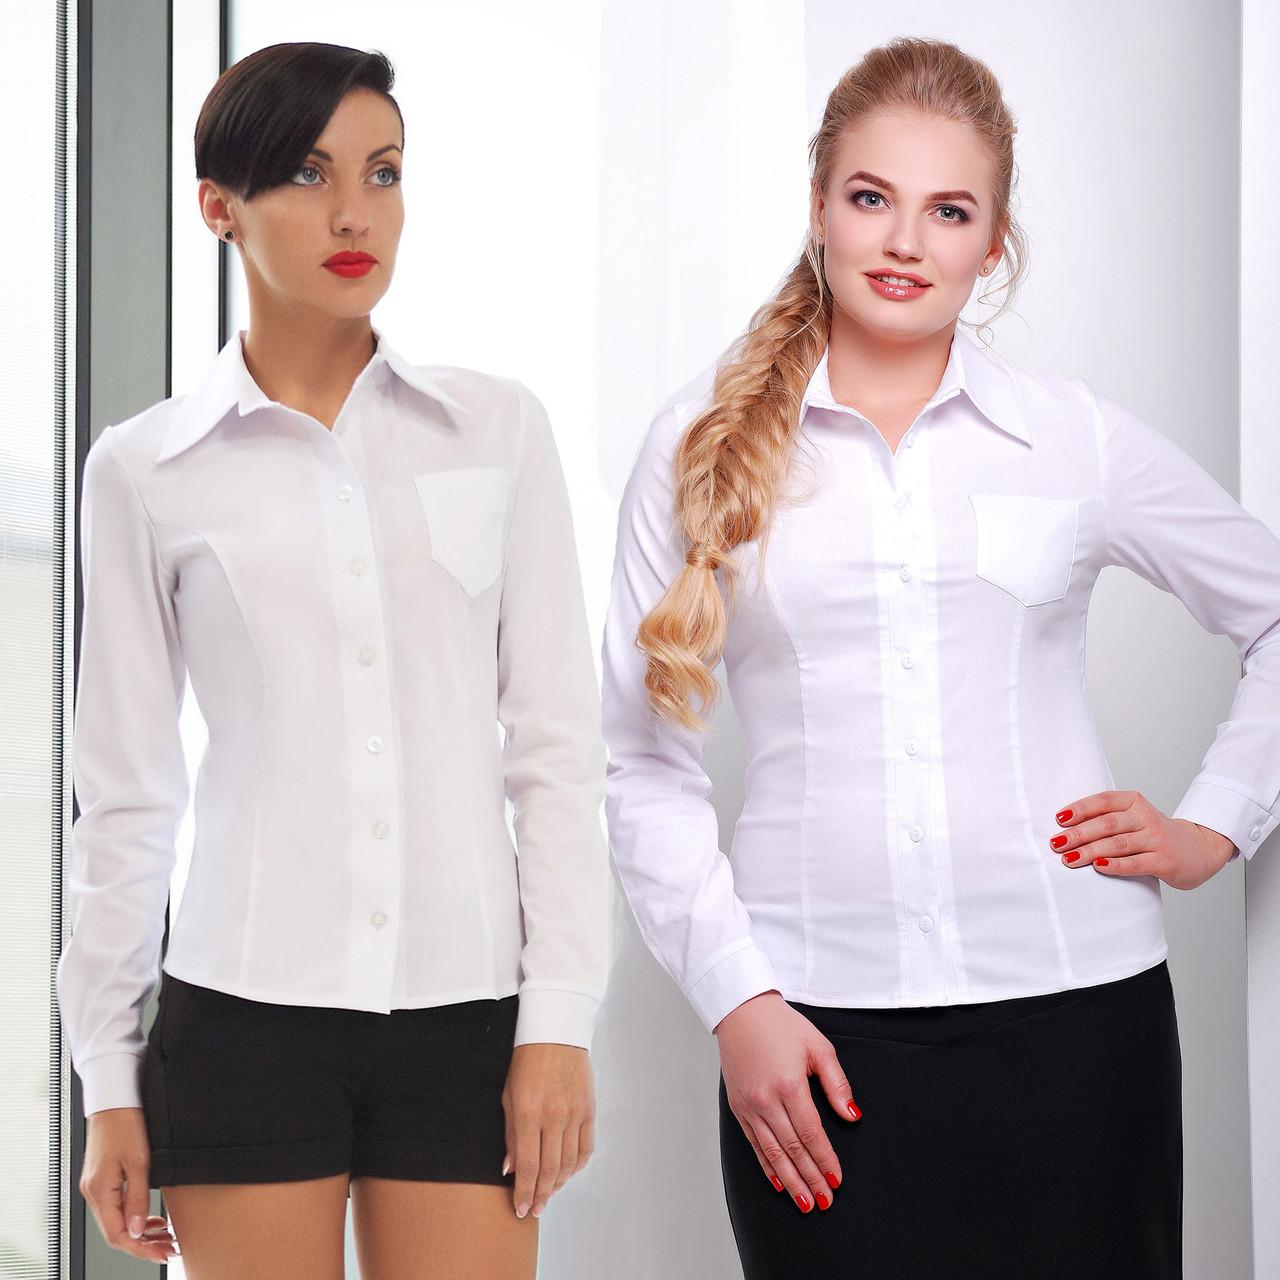 cf66917aaea Купить Классическая приталенная белая женская рубашка из хлопка по ...